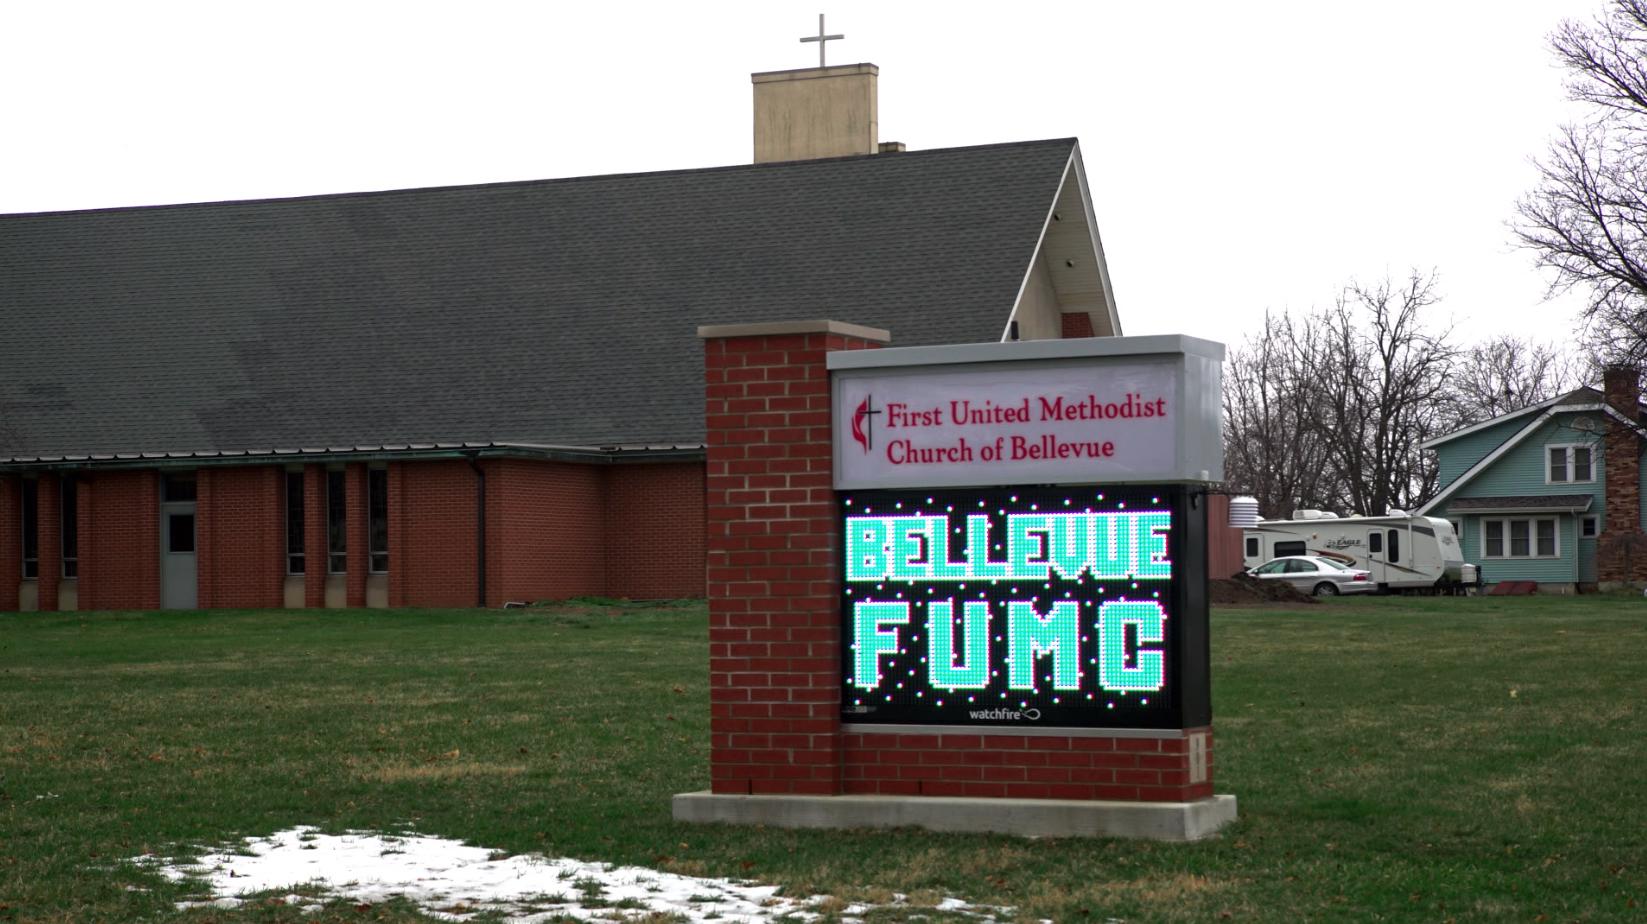 First United Methodist Bellevue